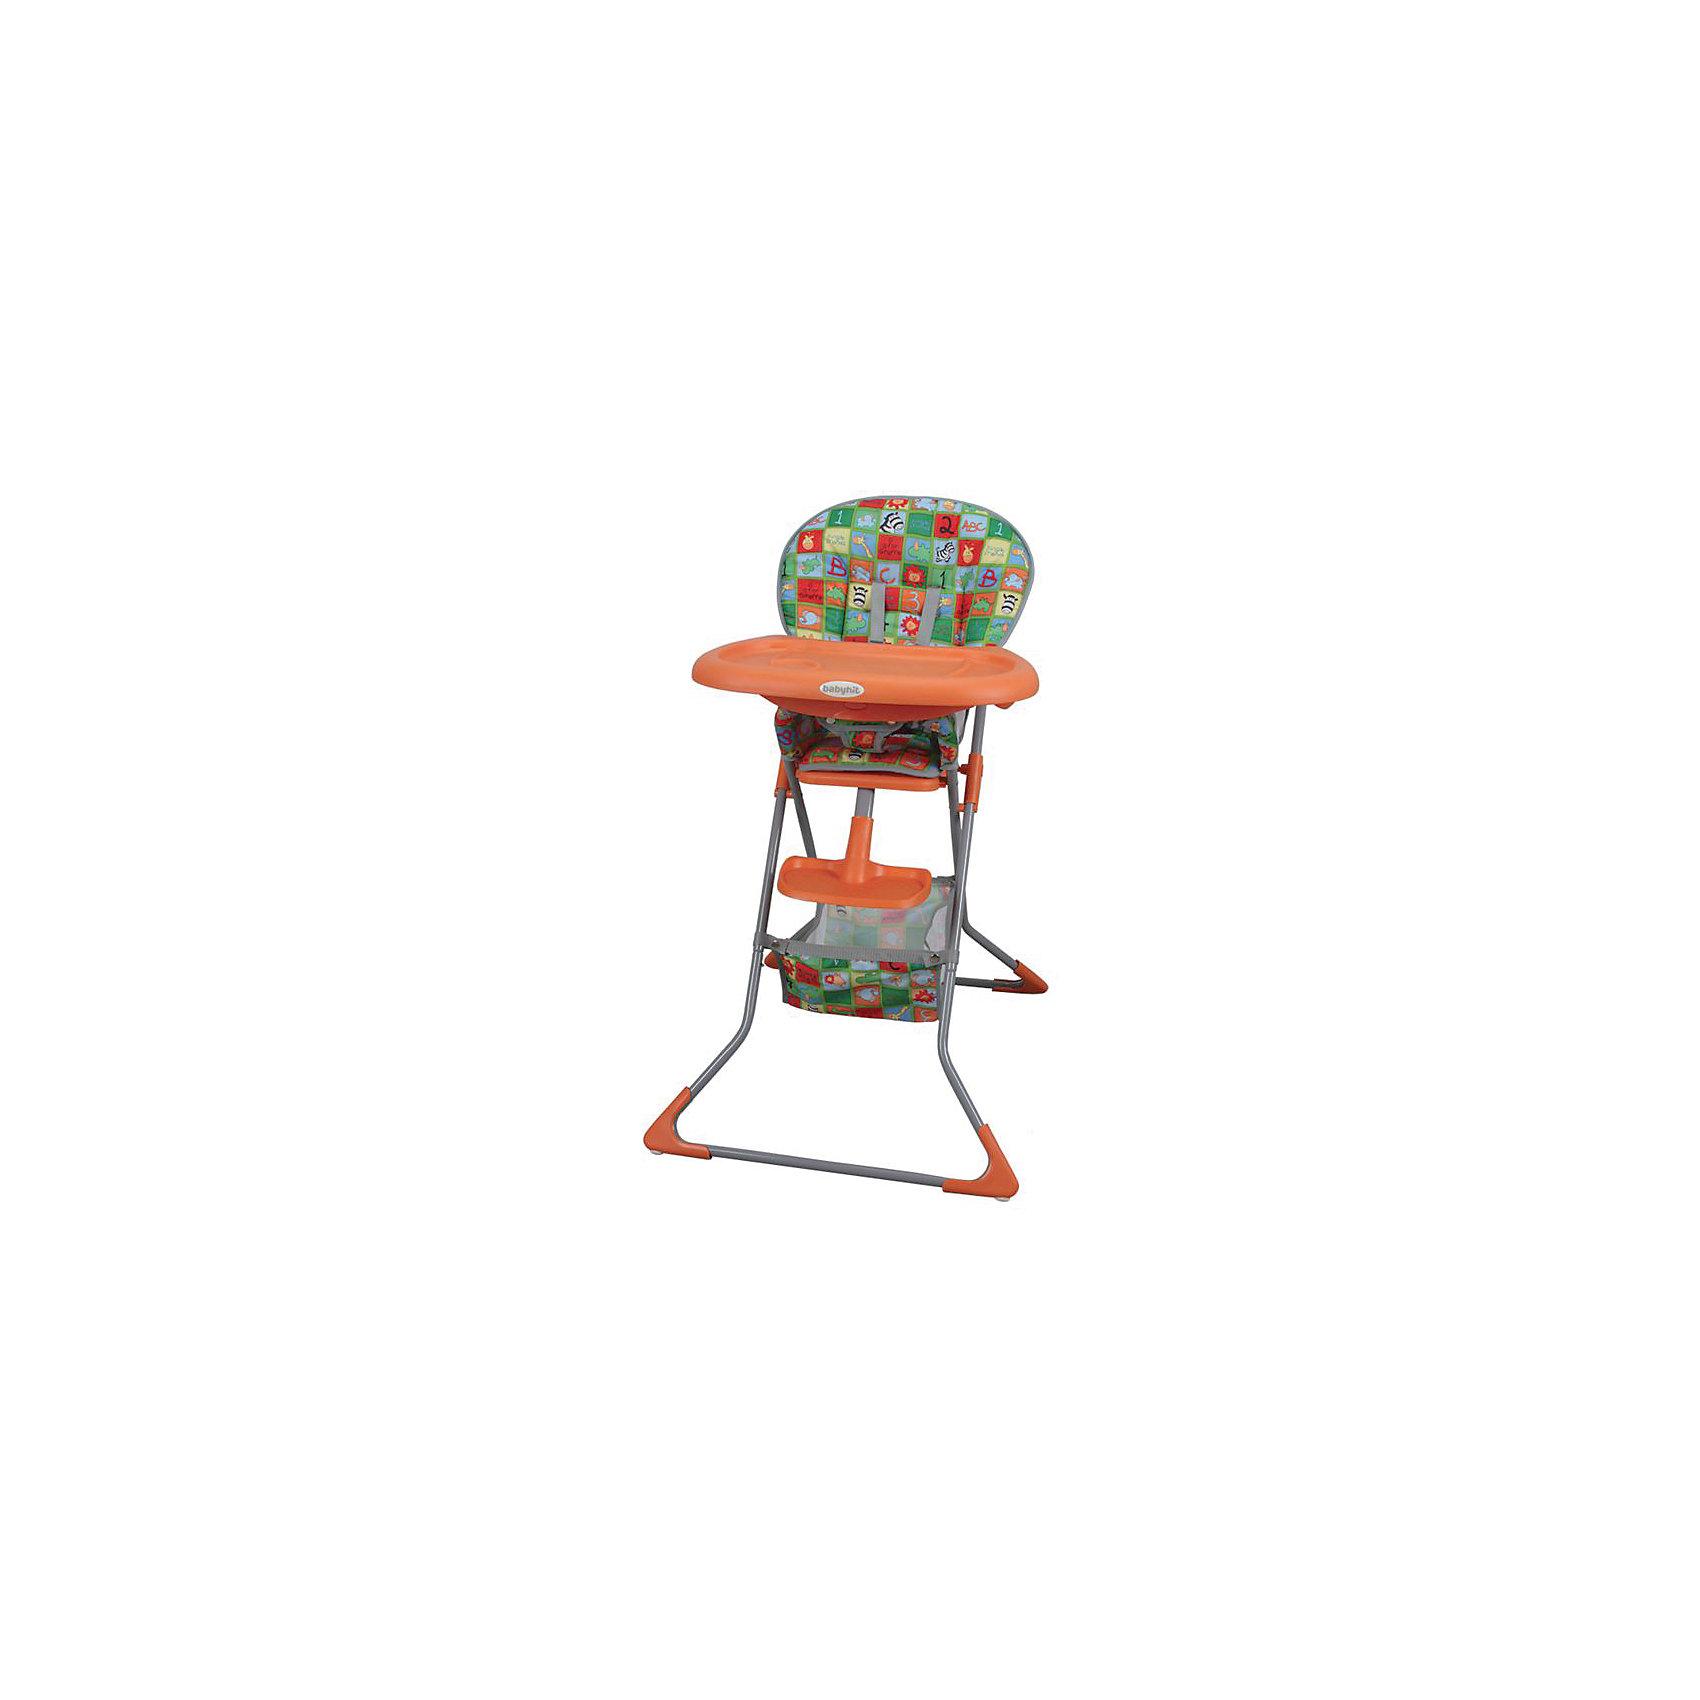 Стульчик для кормления TASTY TIME, BabyHit, оранжевыйСтульчики для кормления<br>Стульчик для кормления Testy Time, BabyHit, обеспечит комфорт и безопасность Вашего малыша во время кормления. Модель отличается легкостью, компактность и привлекательным дизайном с пестрым рисунком. Удобное мягкое сиденье оснащено 5-ти точечными ремнями безопасности, тканевым разделителем и подставкой для ножек. Широкий съемный столик прекрасно подходит для игры и кормления, он легко снимается и может устанавливаться в трех положениях. На поверхности столешницы имеется углубление для кружки или бутылочки. Под сиденьем расположена тканевая корзина для детских принадлежностей. На ножках стула установлены специальные накладки, которые не дают ему скользить. Стульчик компактно складывается и стоит в сложенном виде самостоятельно. Съемный тканевый чехол можно стирать при температуре 30?. <br><br>Дополнительная информация:<br><br>- Цвет: оранжевый.<br>- Материал: пластик, текстиль, полиэстер.<br>- Размер в сложенном виде: 38 x 20 x 62 см.<br>- Вес: 5,1 кг.<br><br>Стульчик для кормления Testy Time, BabyHit, оранжевый, можно купить в нашем интернет-магазине.<br><br>Ширина мм: 380<br>Глубина мм: 200<br>Высота мм: 620<br>Вес г: 6100<br>Цвет: оранжевый<br>Возраст от месяцев: 6<br>Возраст до месяцев: 36<br>Пол: Унисекс<br>Возраст: Детский<br>SKU: 4640322